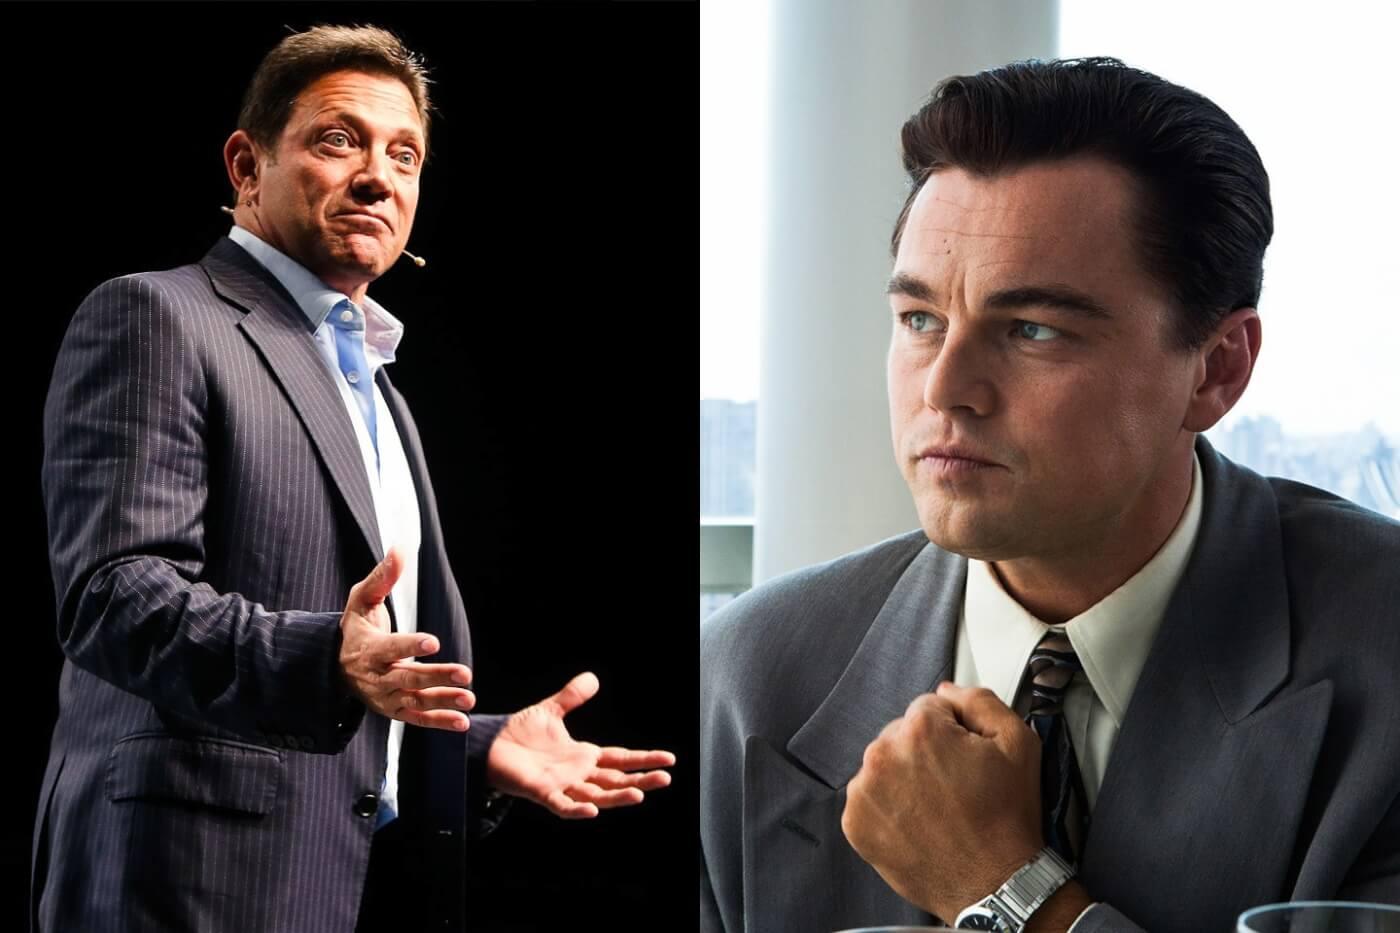 Jordan Belfort / Leonardo DiCaprio